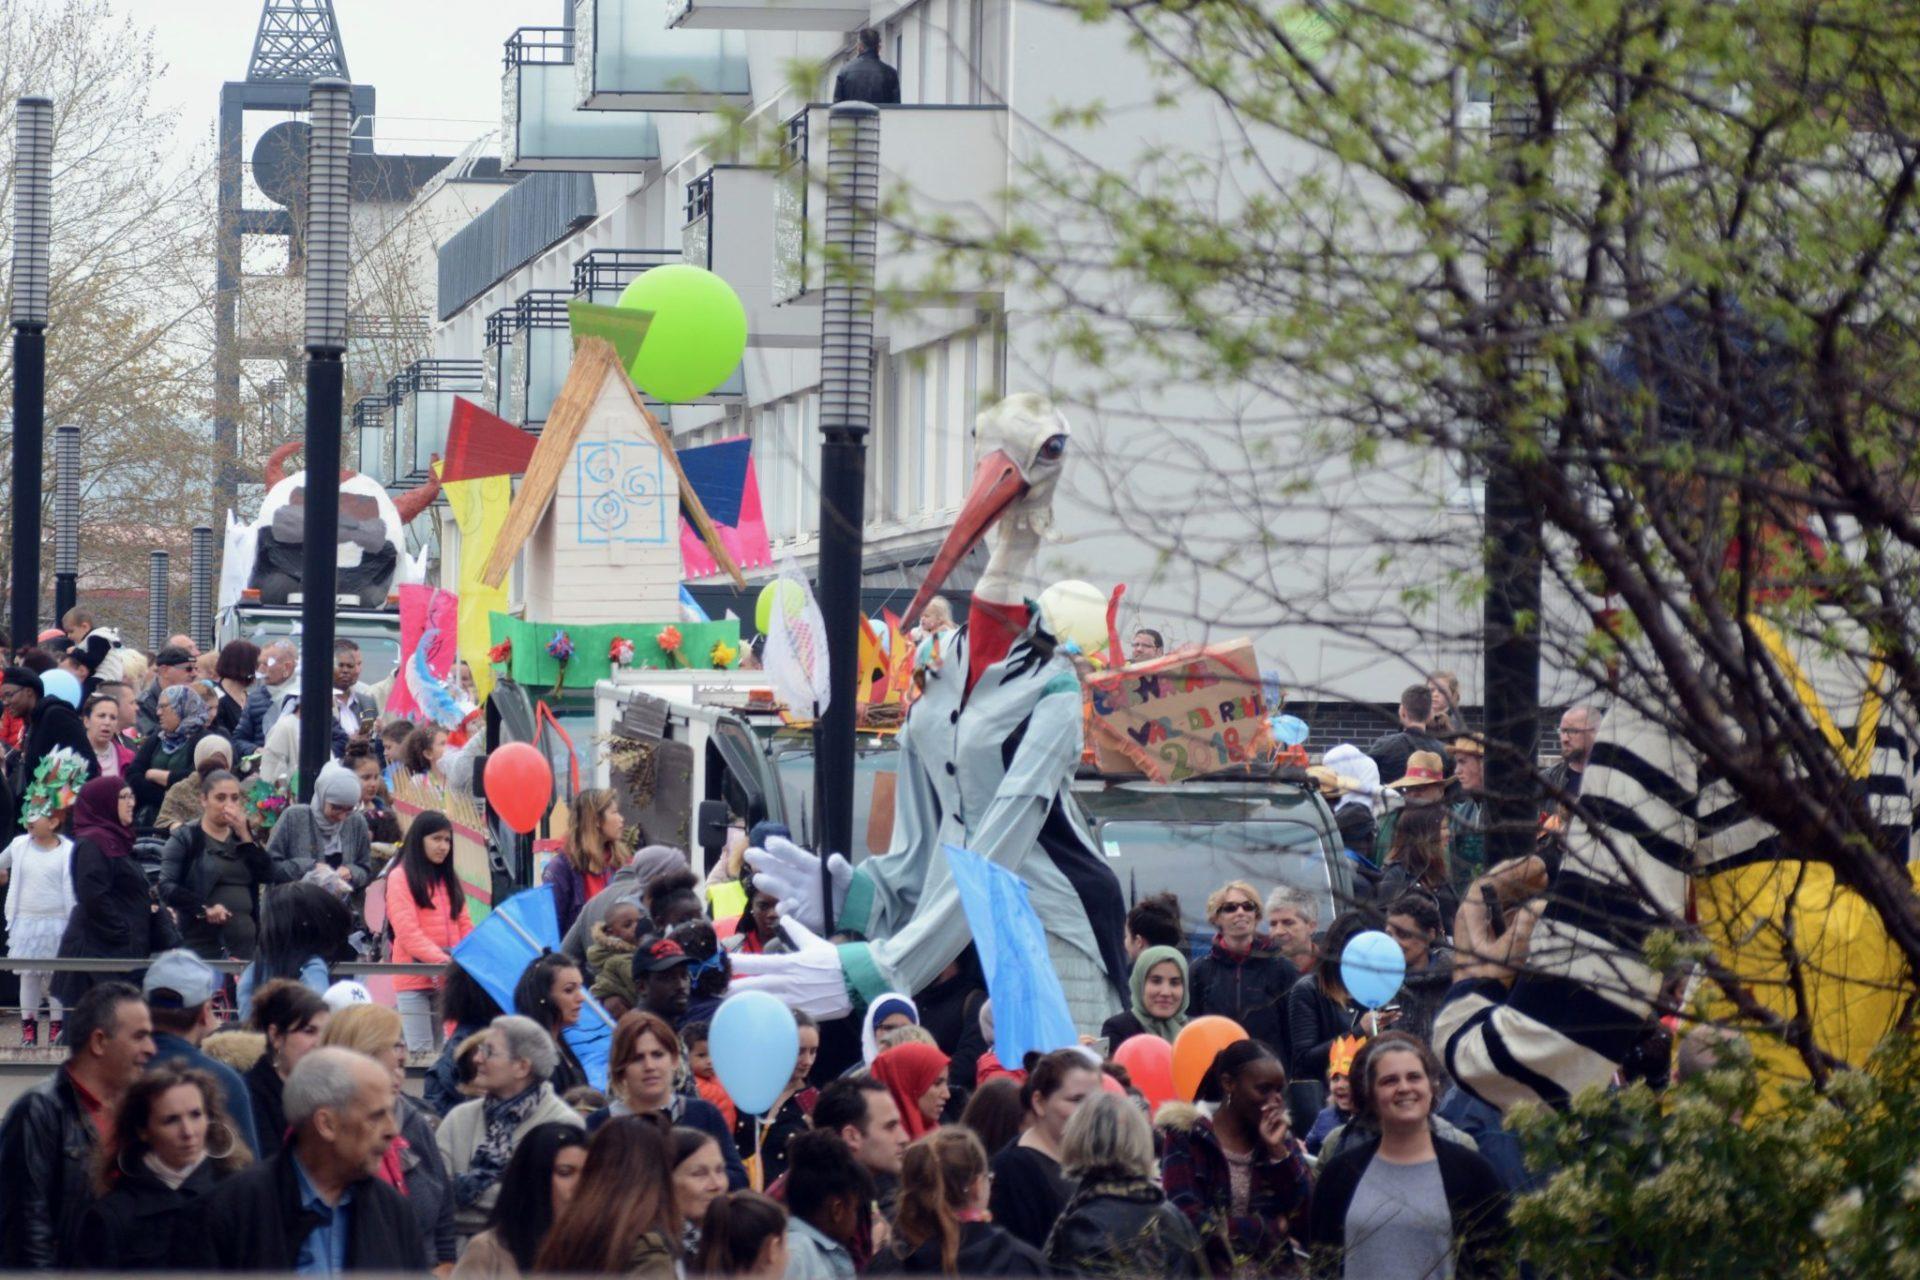 Prêts pour le grand défilé du carnaval samedi ?